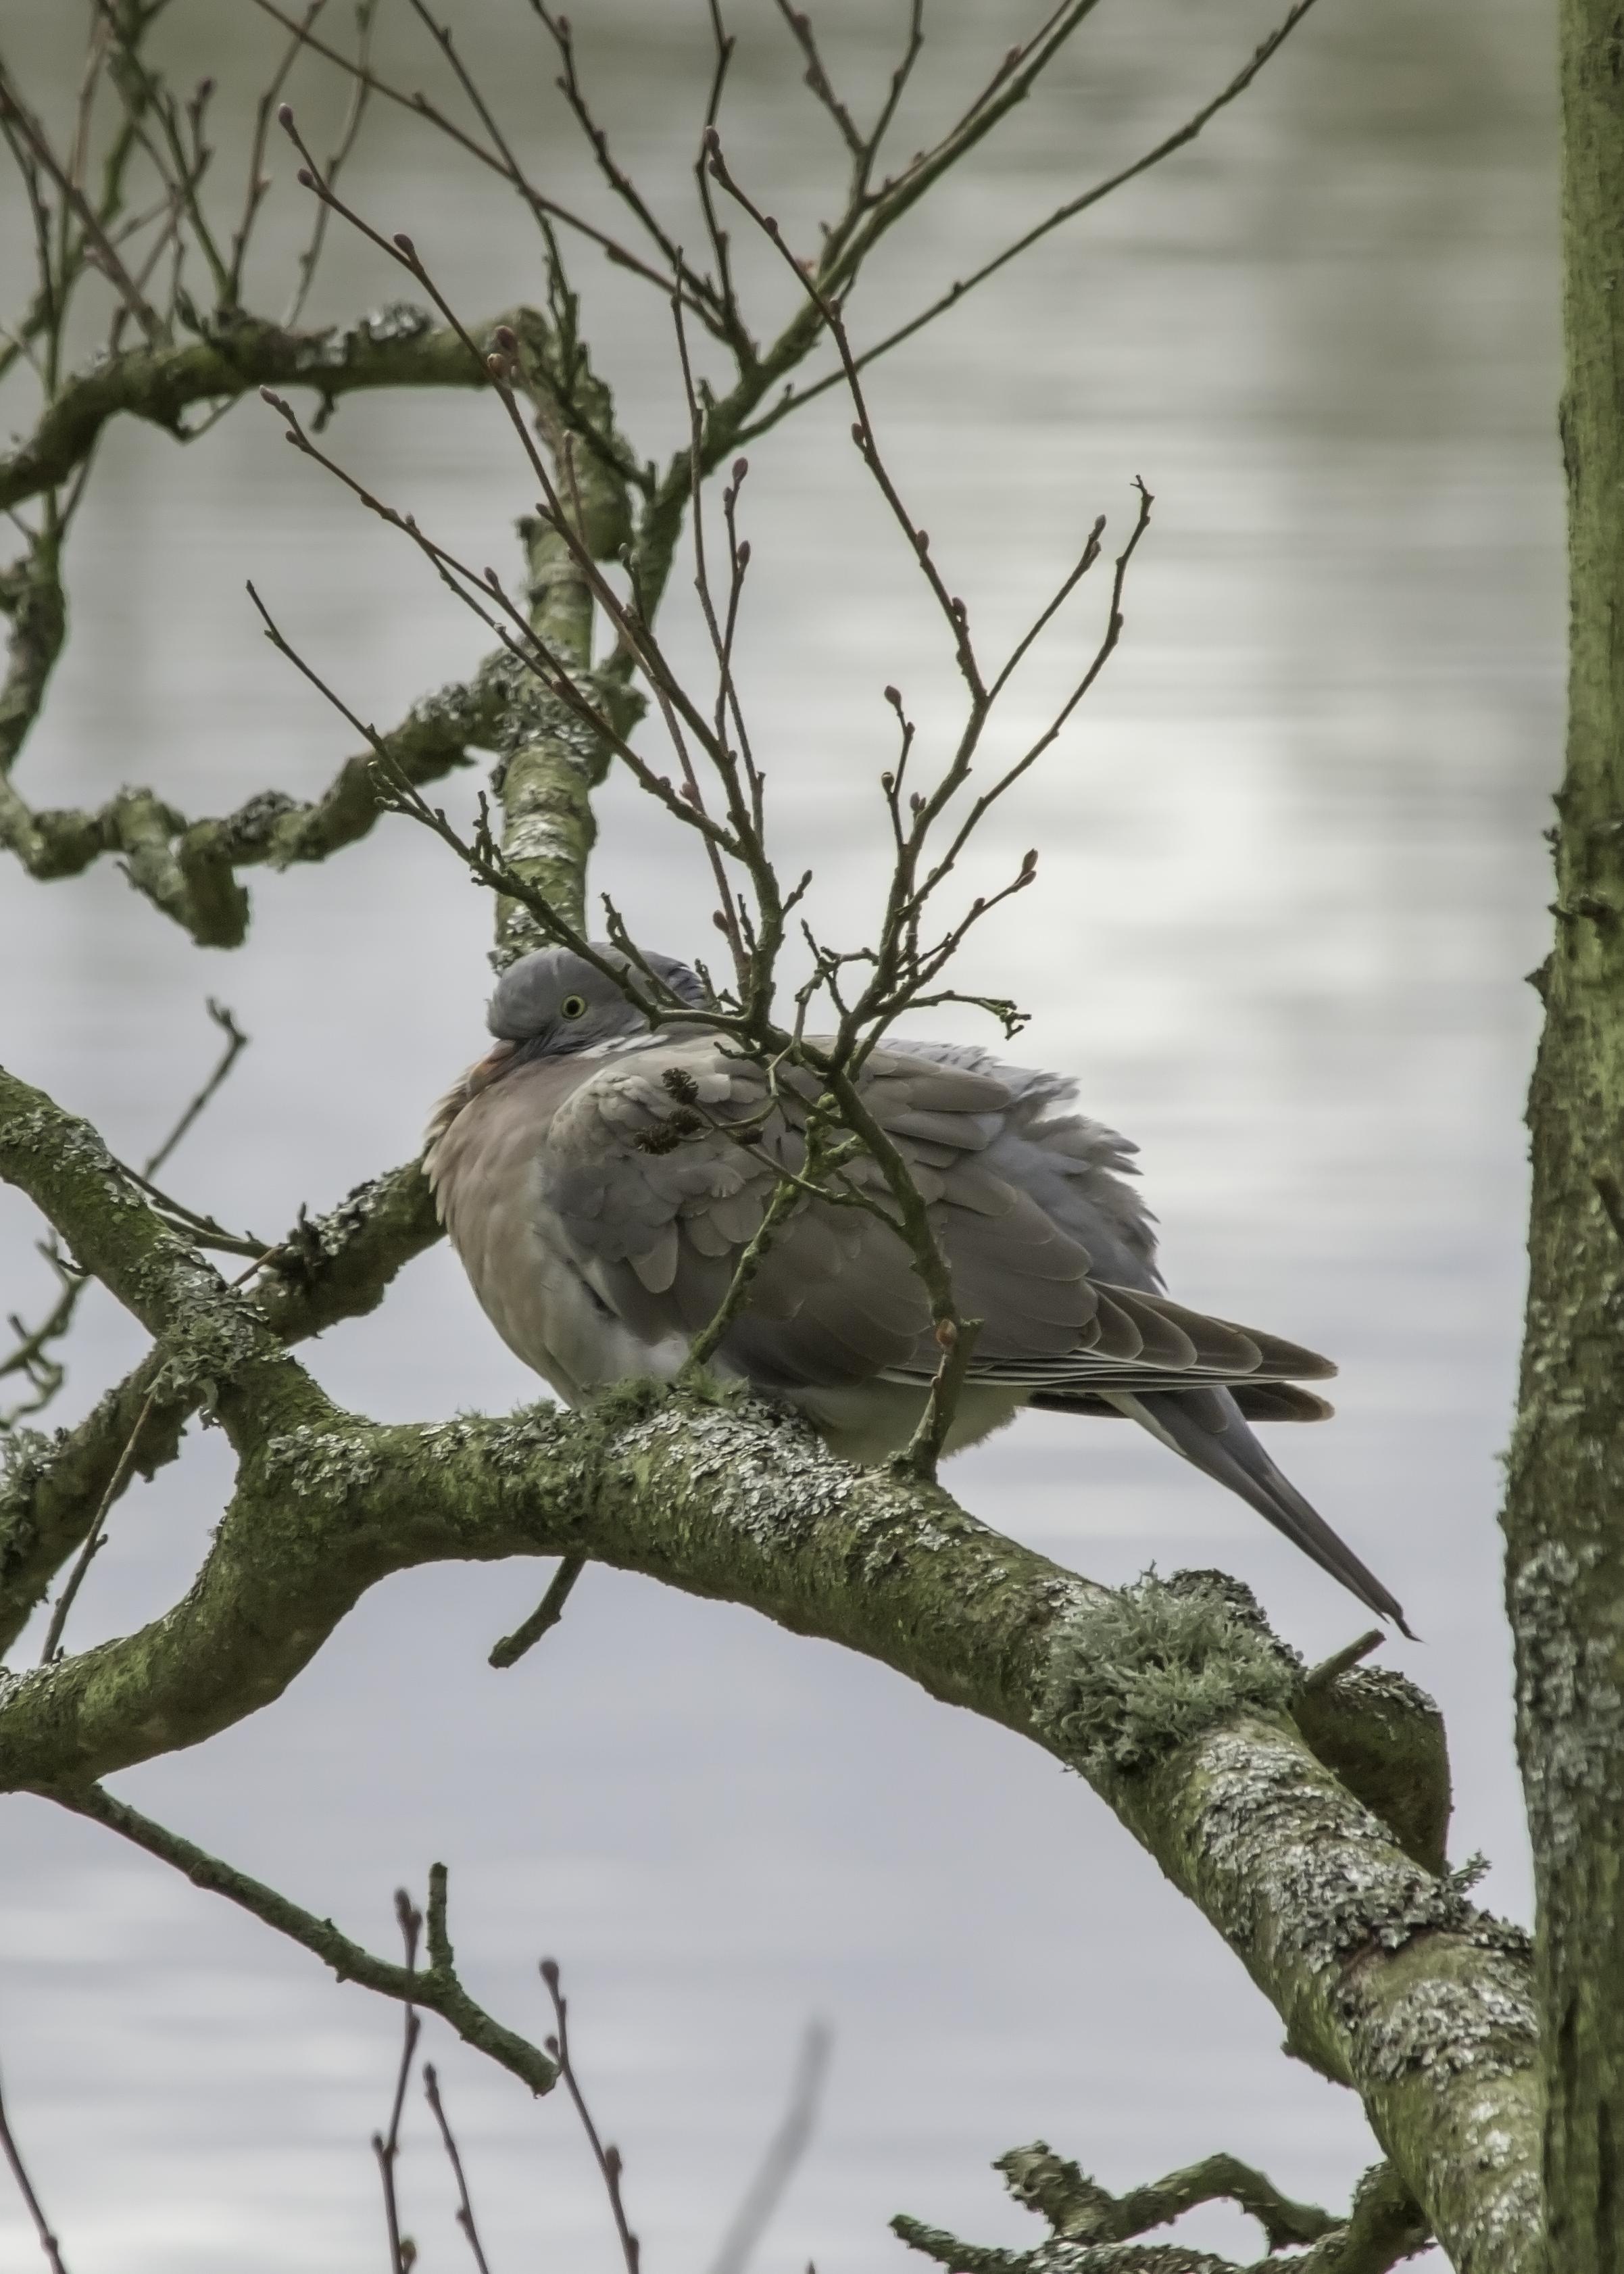 Roosting Pigeon